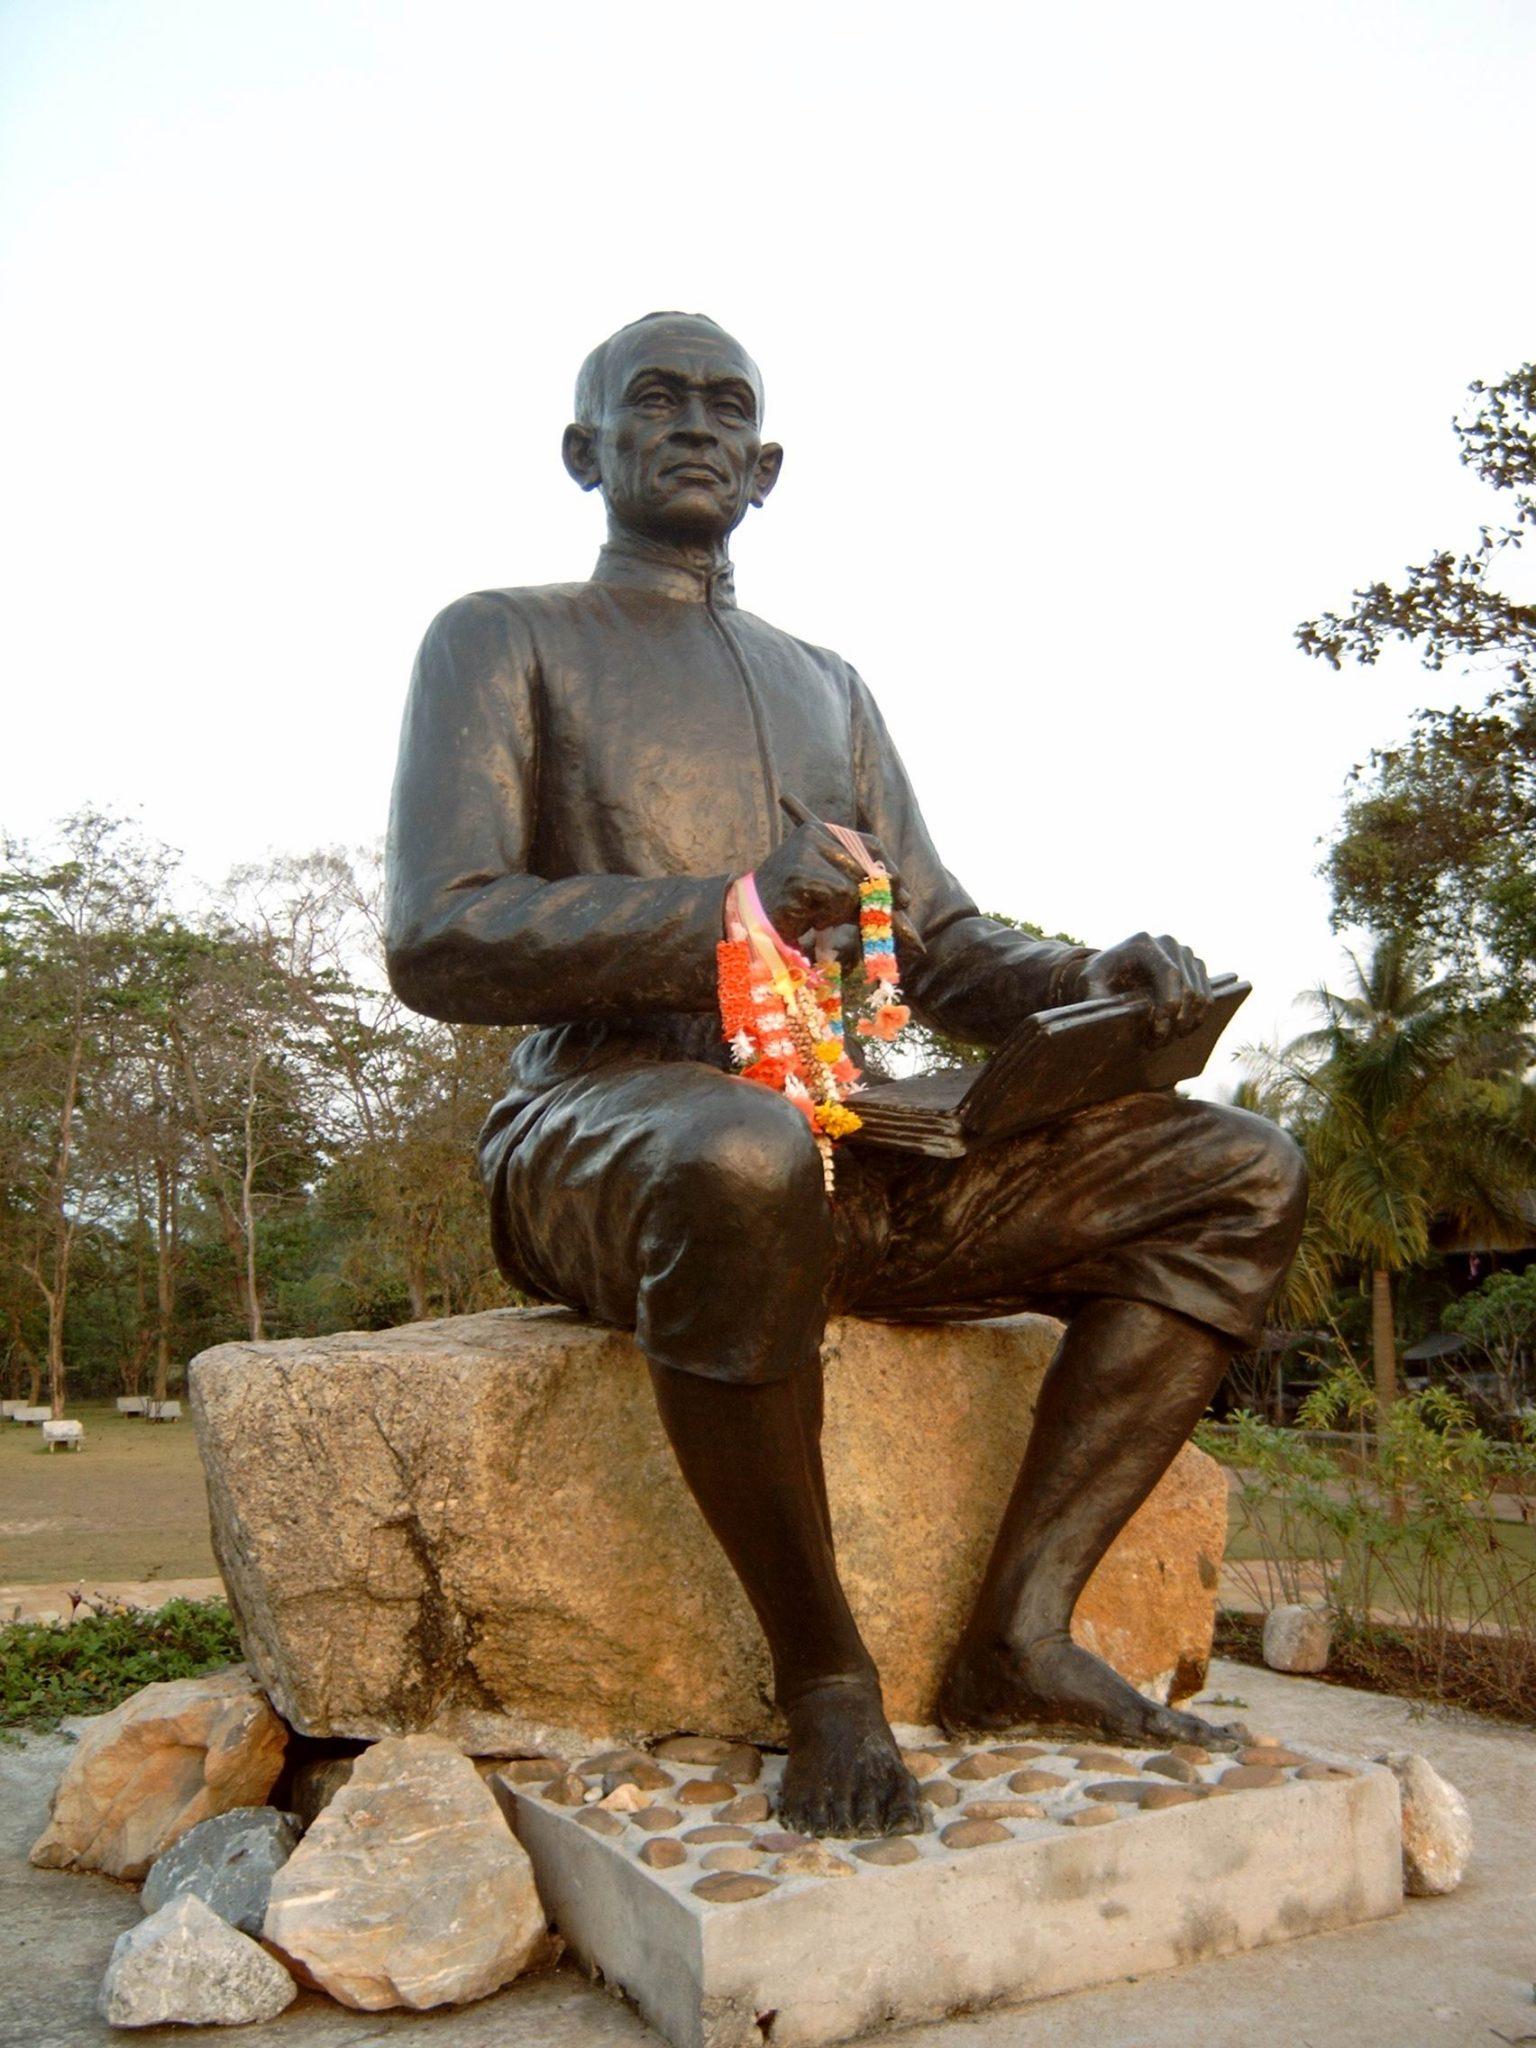 """ขอเชิญชวน นักศึกษา มทร.พระนคร ทุกชั้นปี ประกวดทักษะการใช้ภาษาไทย """"การอ่านออกเสียงร้อยแก้ว, การพูดสุนทรพจน์, แต่งกลอนสุภาพ (ทีมละ 2 คน), การคัดลายมือ และตอบปัญหาภาษาไทย"""""""